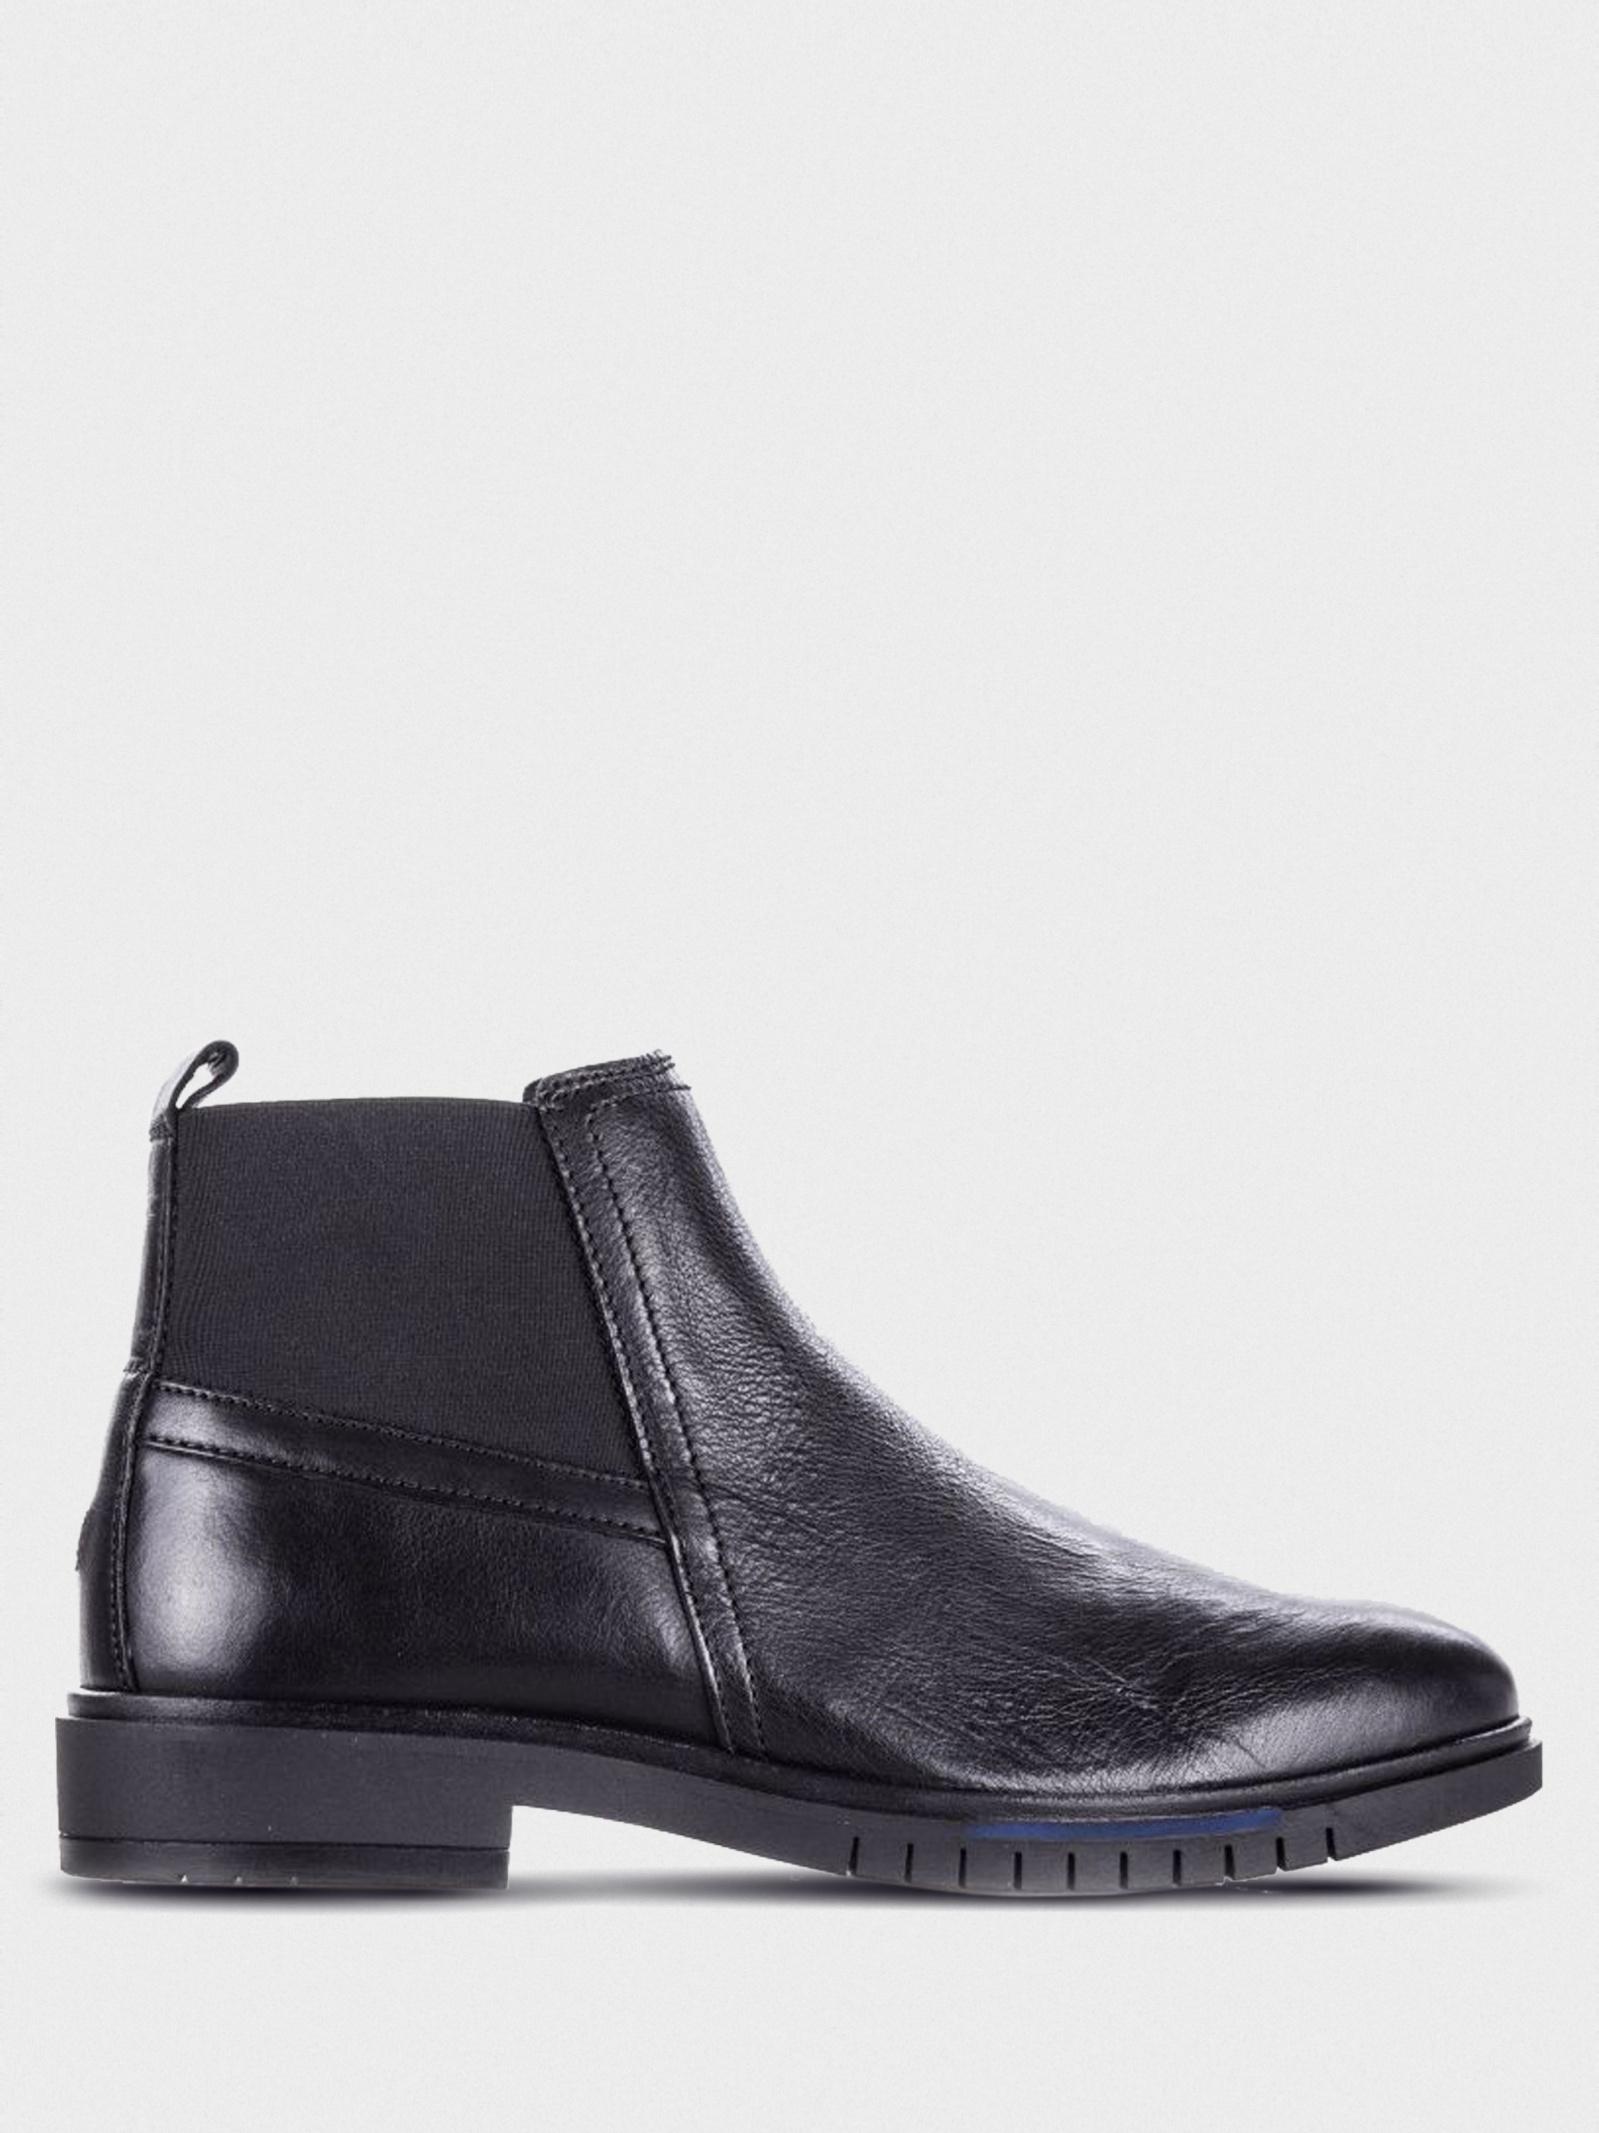 Ботинки мужские Tommy Hilfiger TE798 продажа, 2017